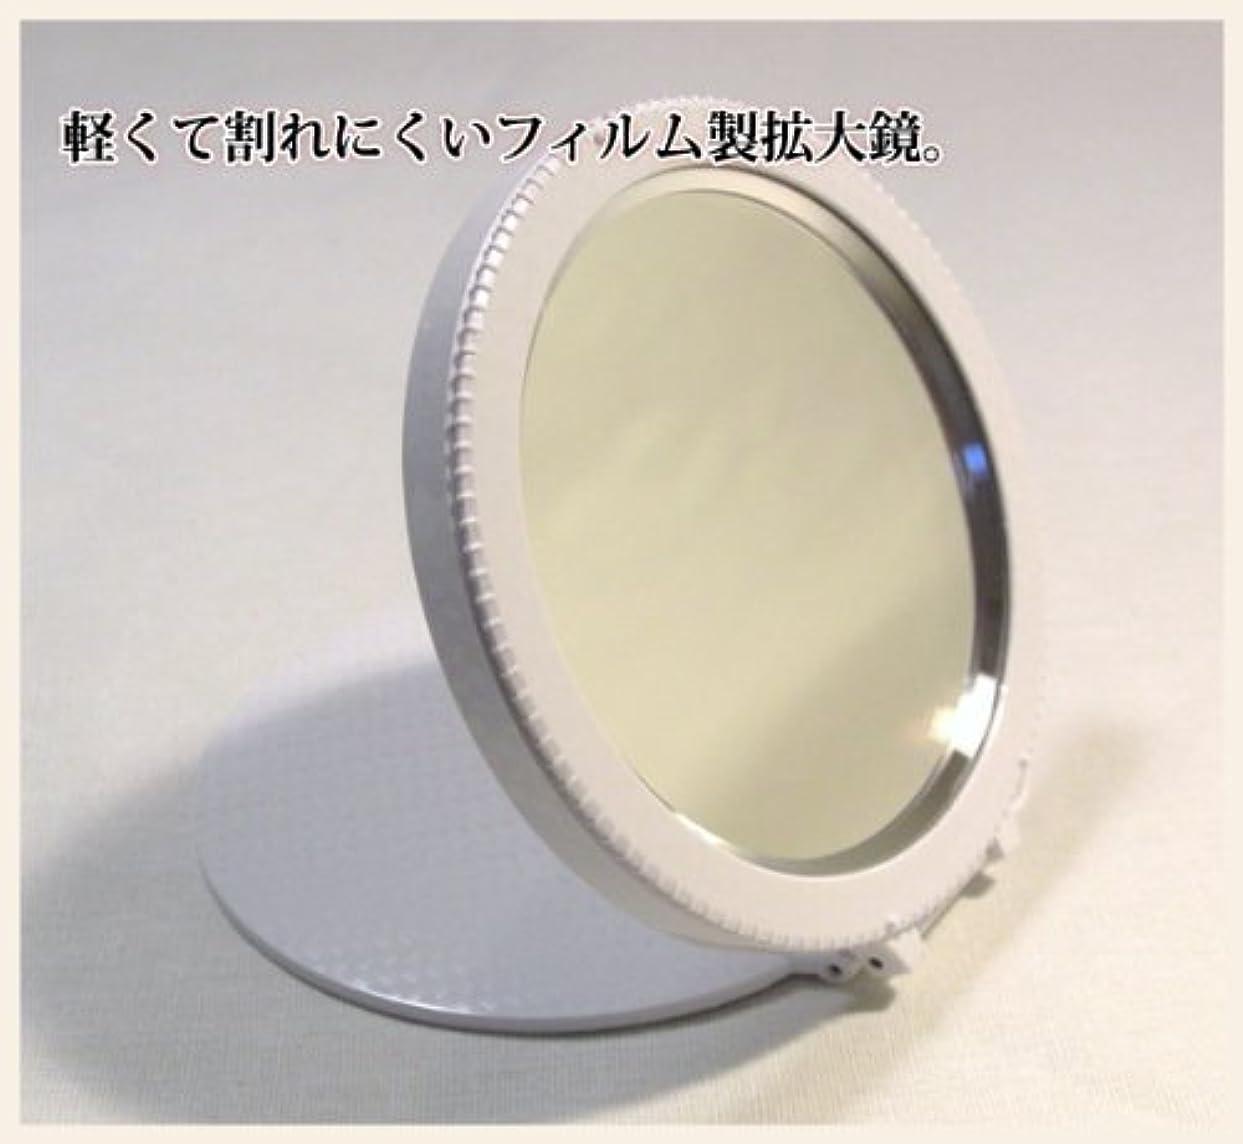 魚失礼な拷問軽量拡大鏡ミラー メンブレンミラー